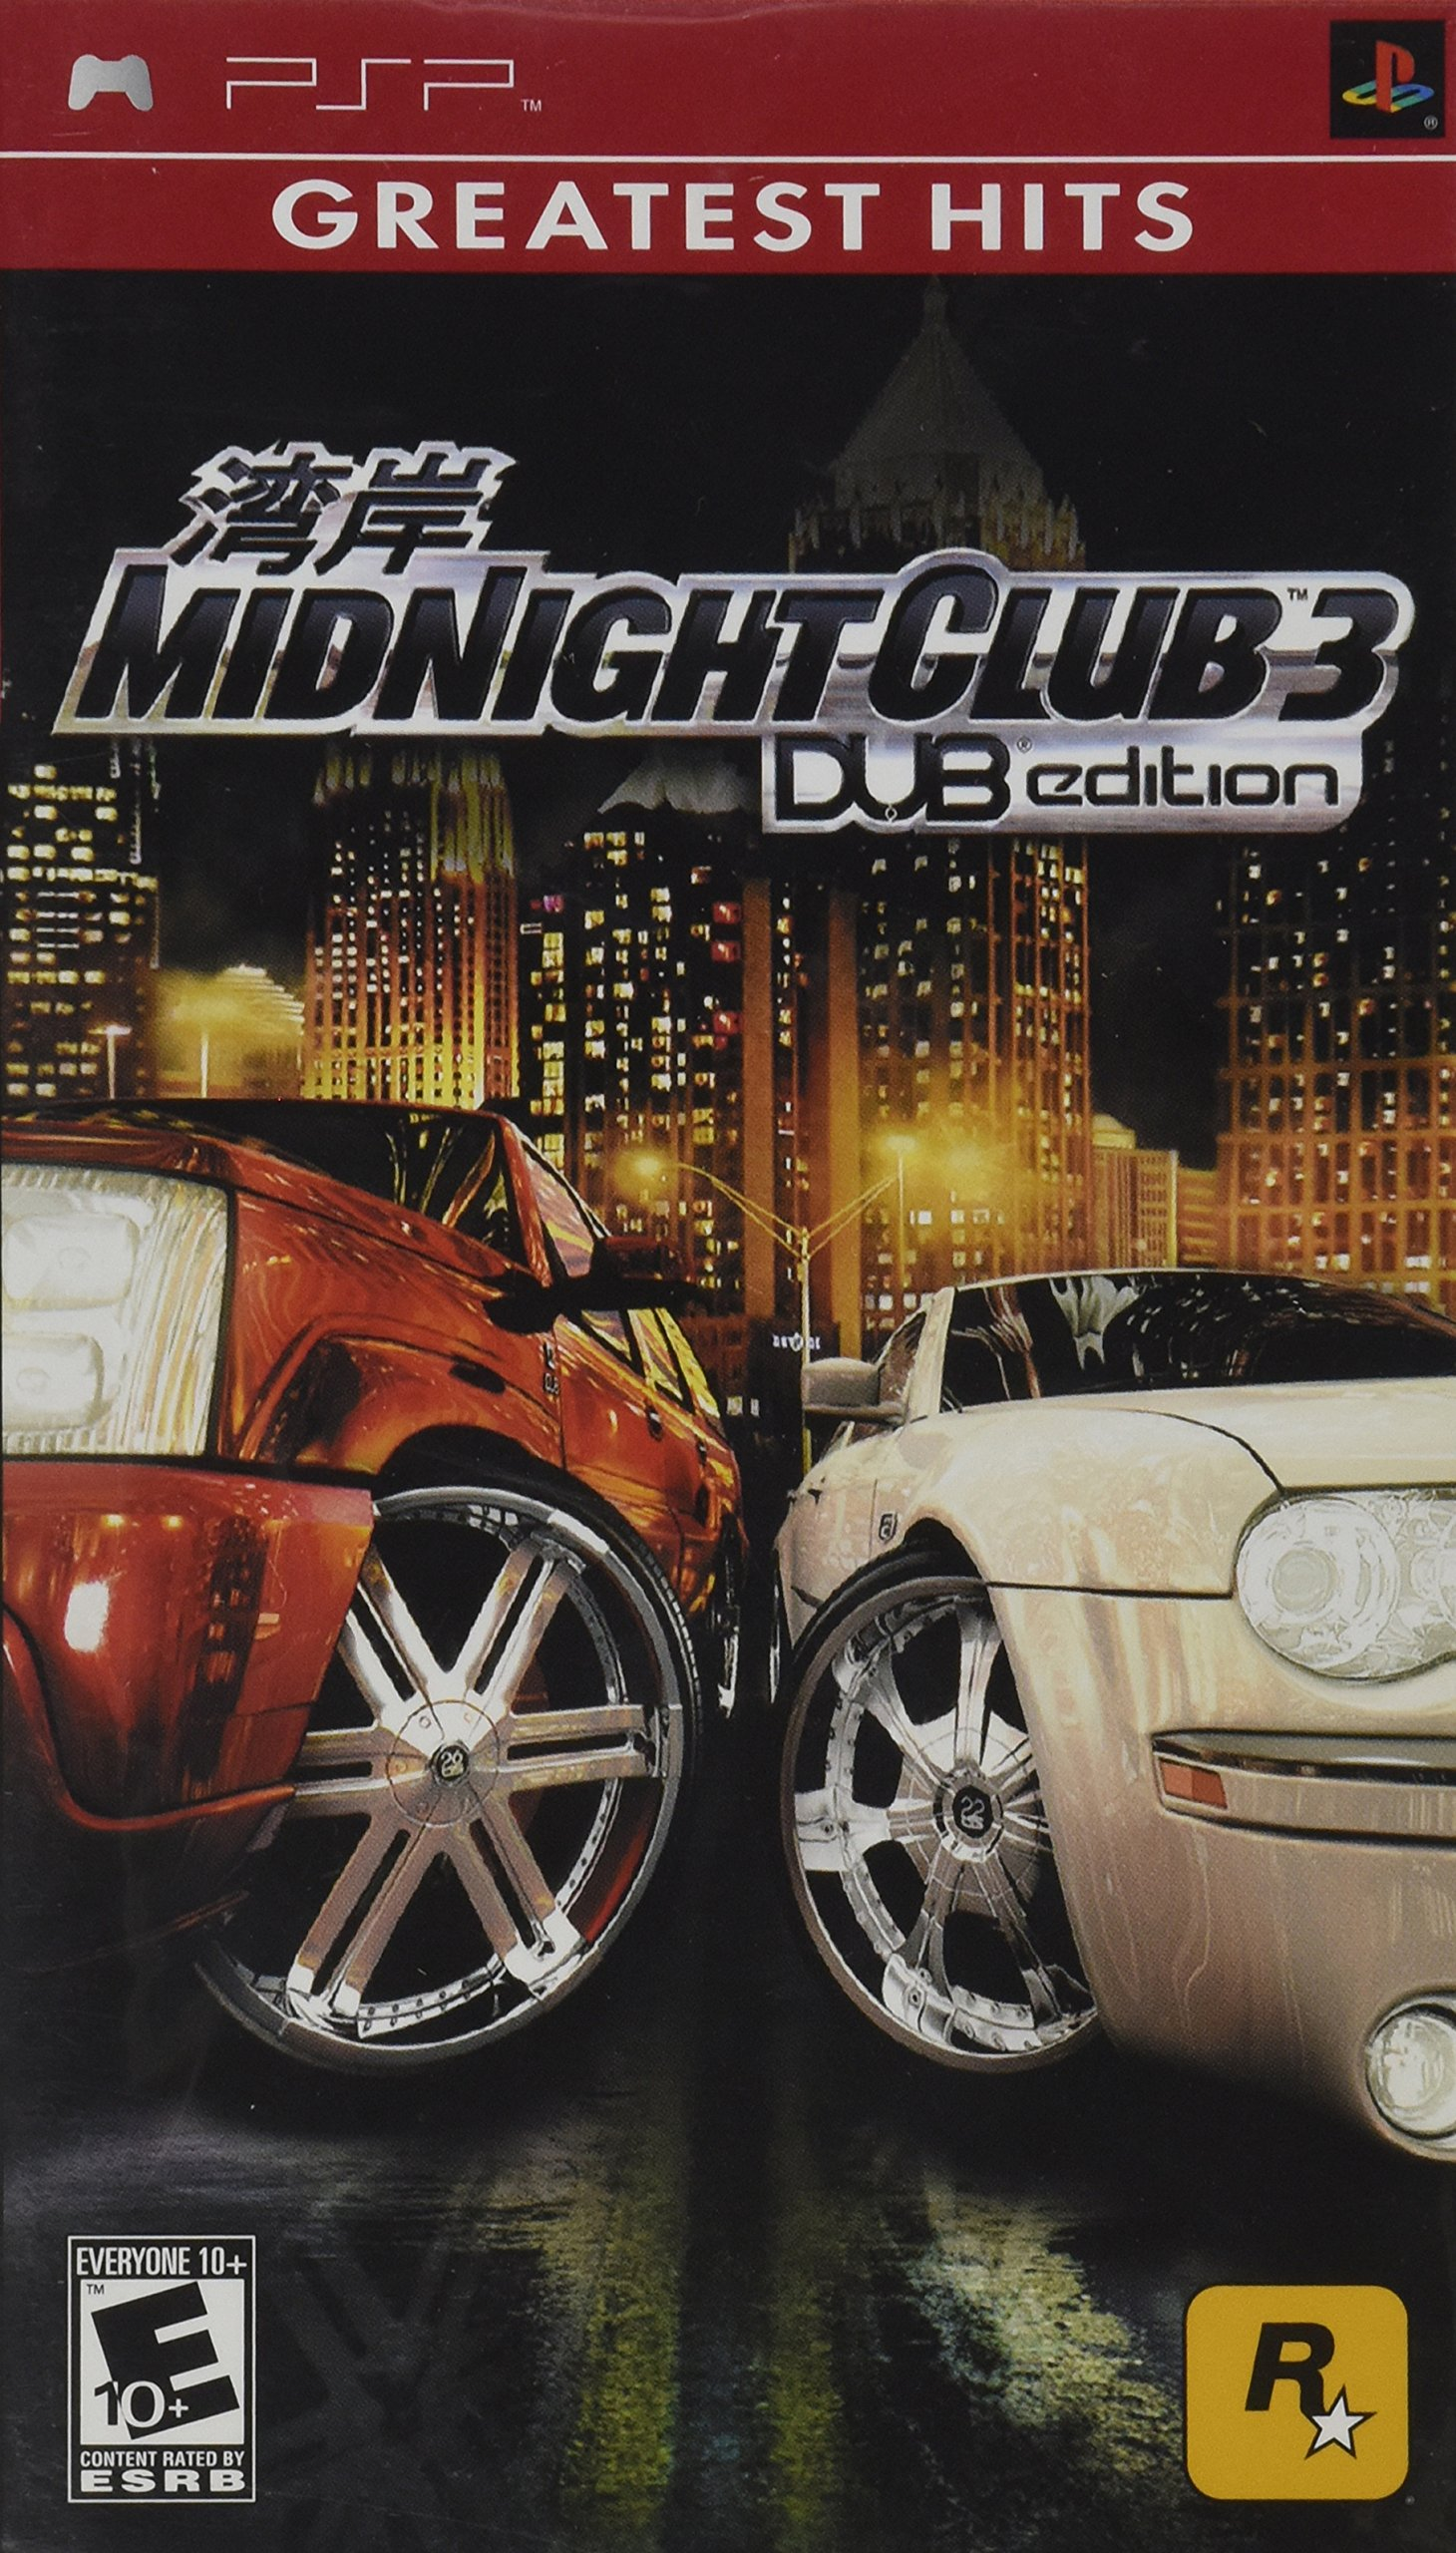 Midnight Club 3, Dub Edition, Sony PSP by Rockstar Games (Image #1)